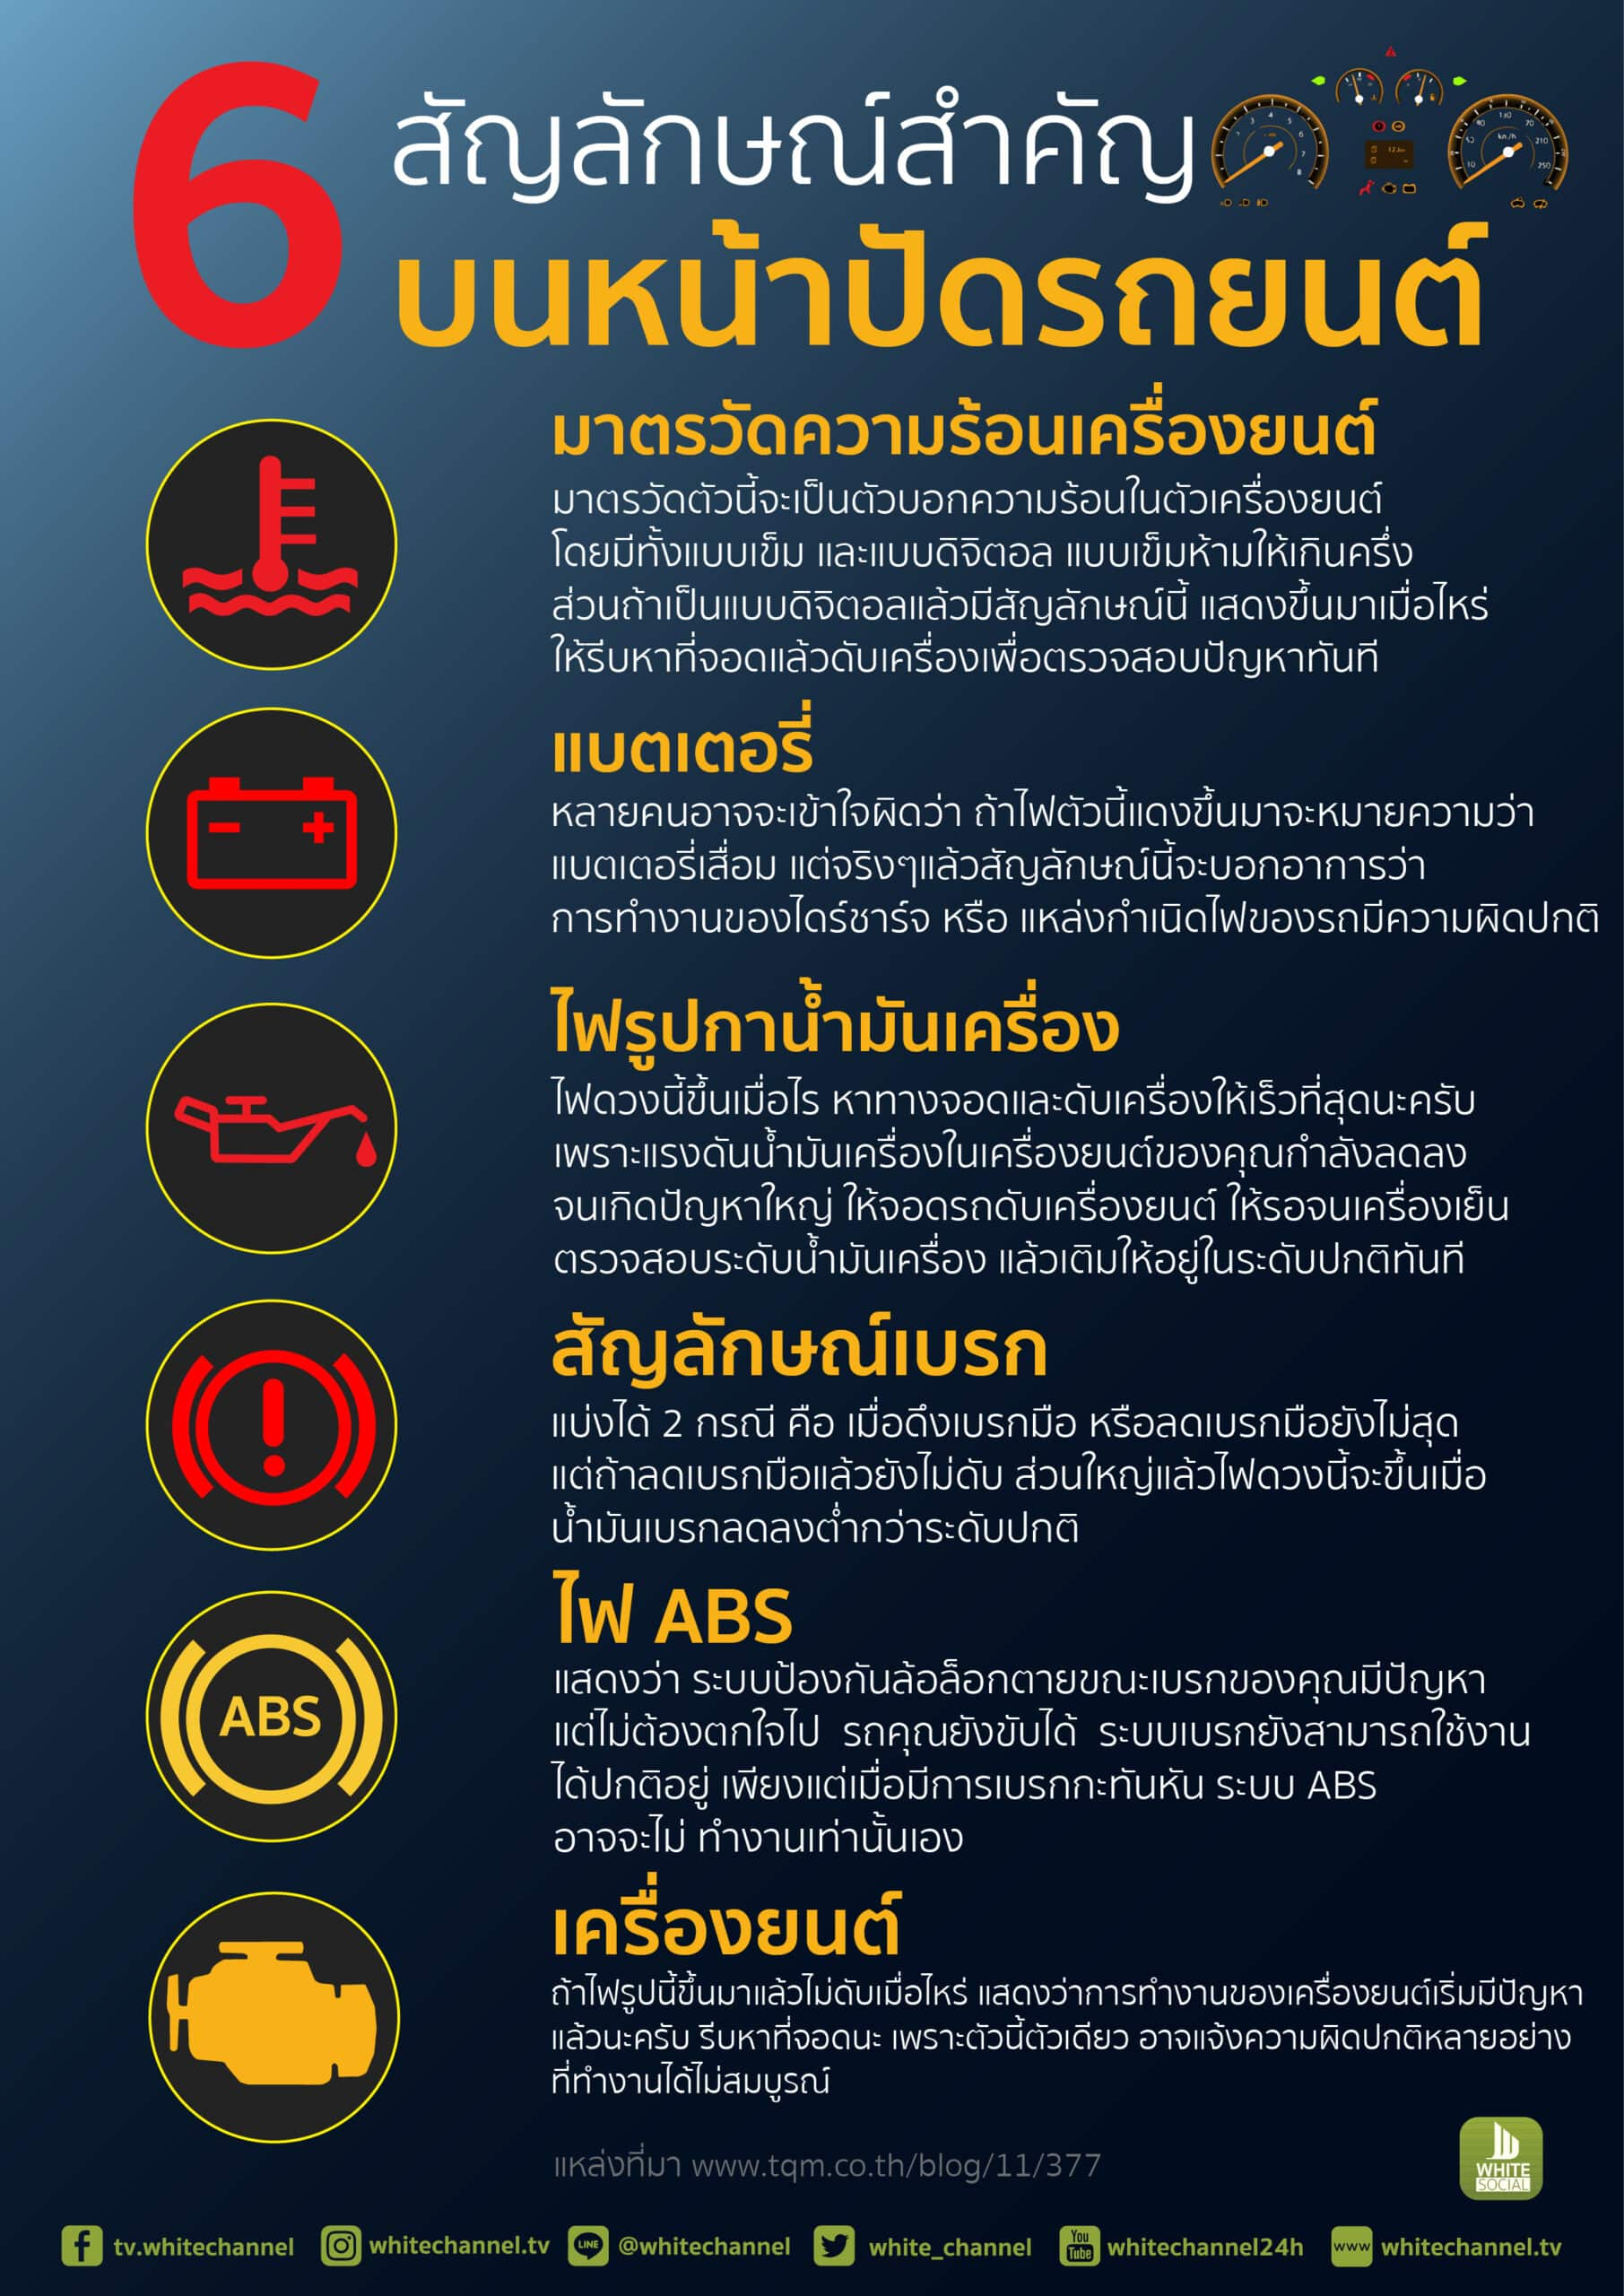 6 สัญลักษณ์บนหน้าปัดรถยนต์